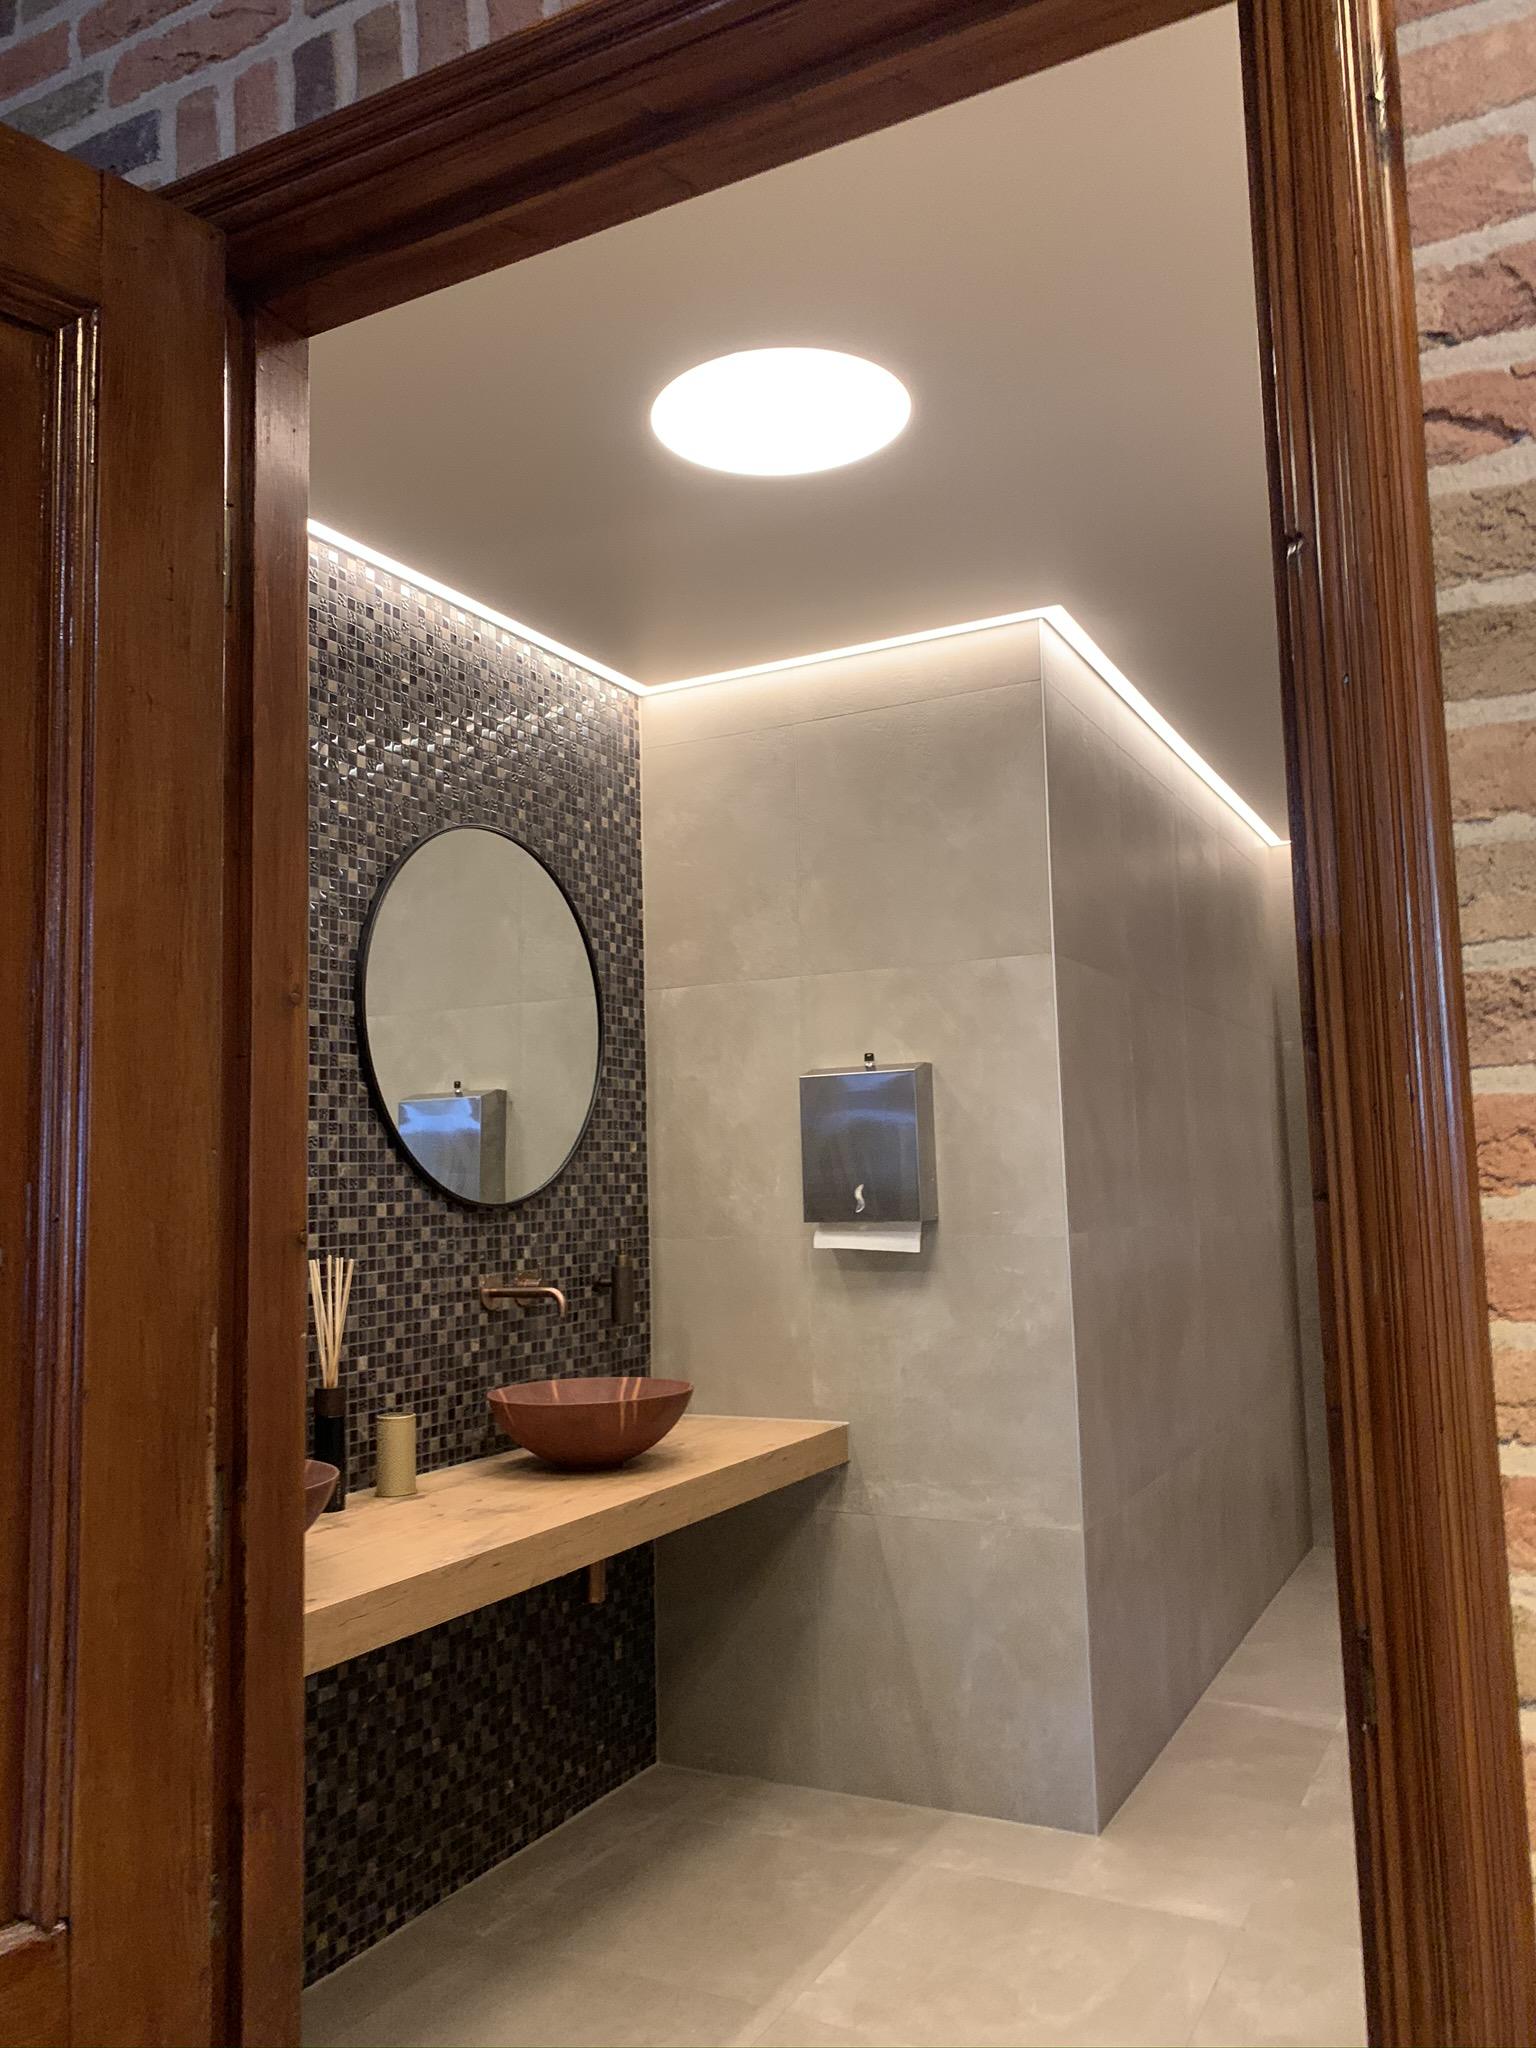 maak uw badkamer extra bijzonder met spanplafond